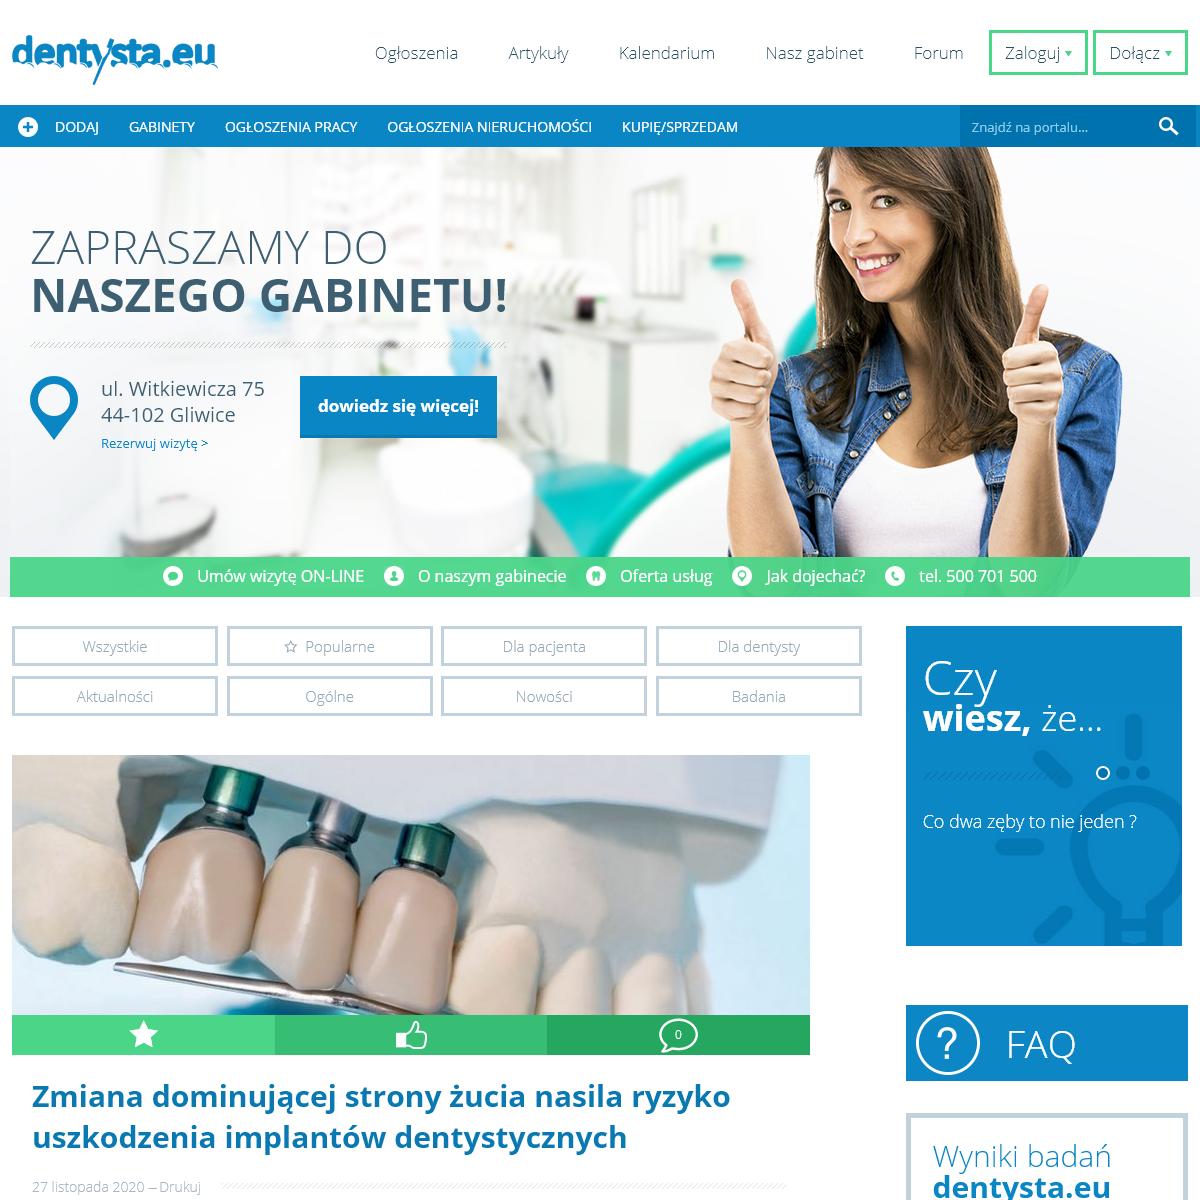 Dobry stomatolog, gabinet dentystyczny Gliwice - dentysta Marcin Krufczyk - Dentysta.eu